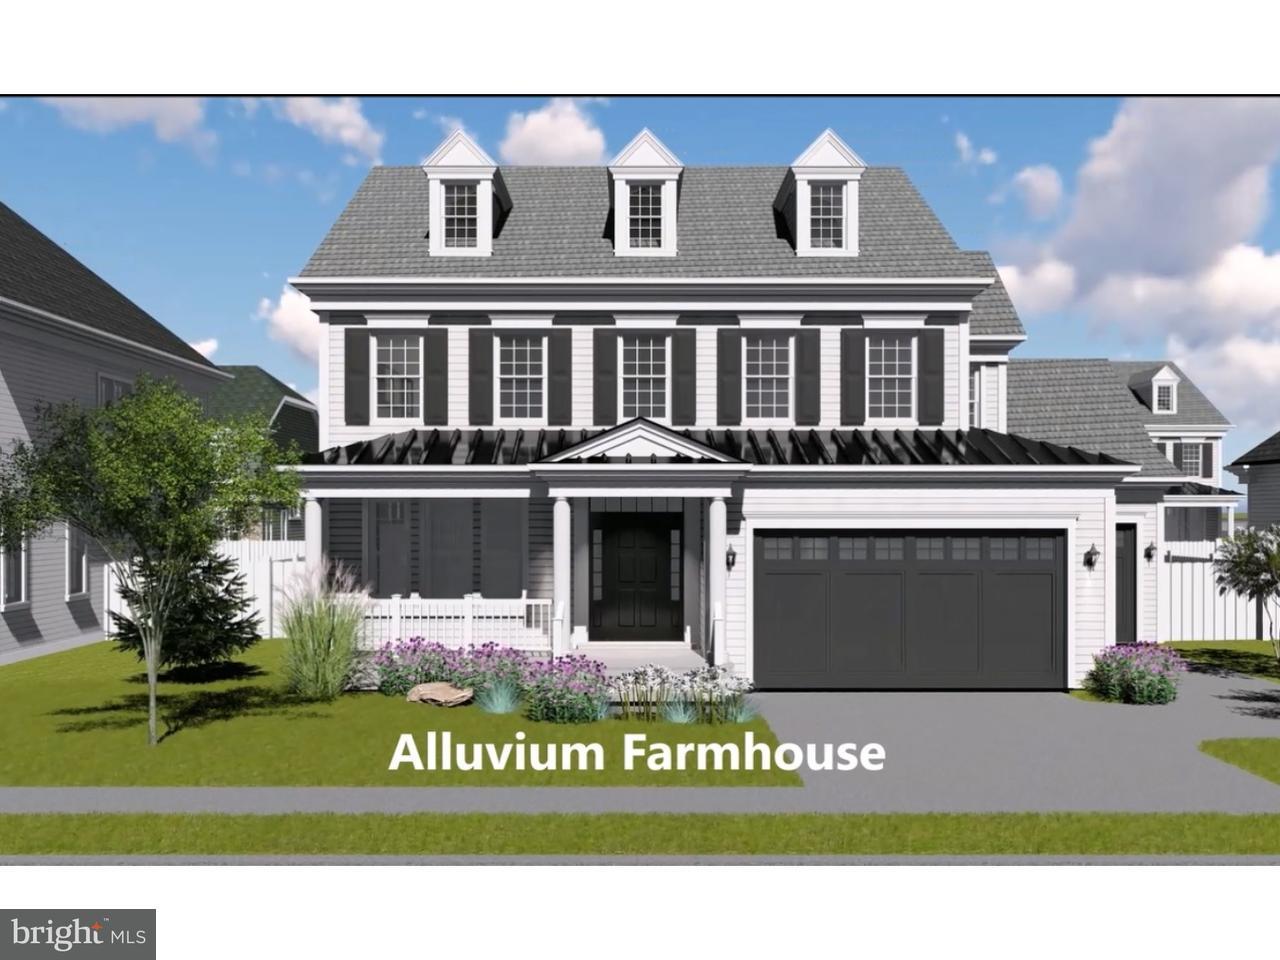 Maison unifamiliale pour l Vente à 203 WINESAP WAY Glassboro, New Jersey 08028 États-Unis